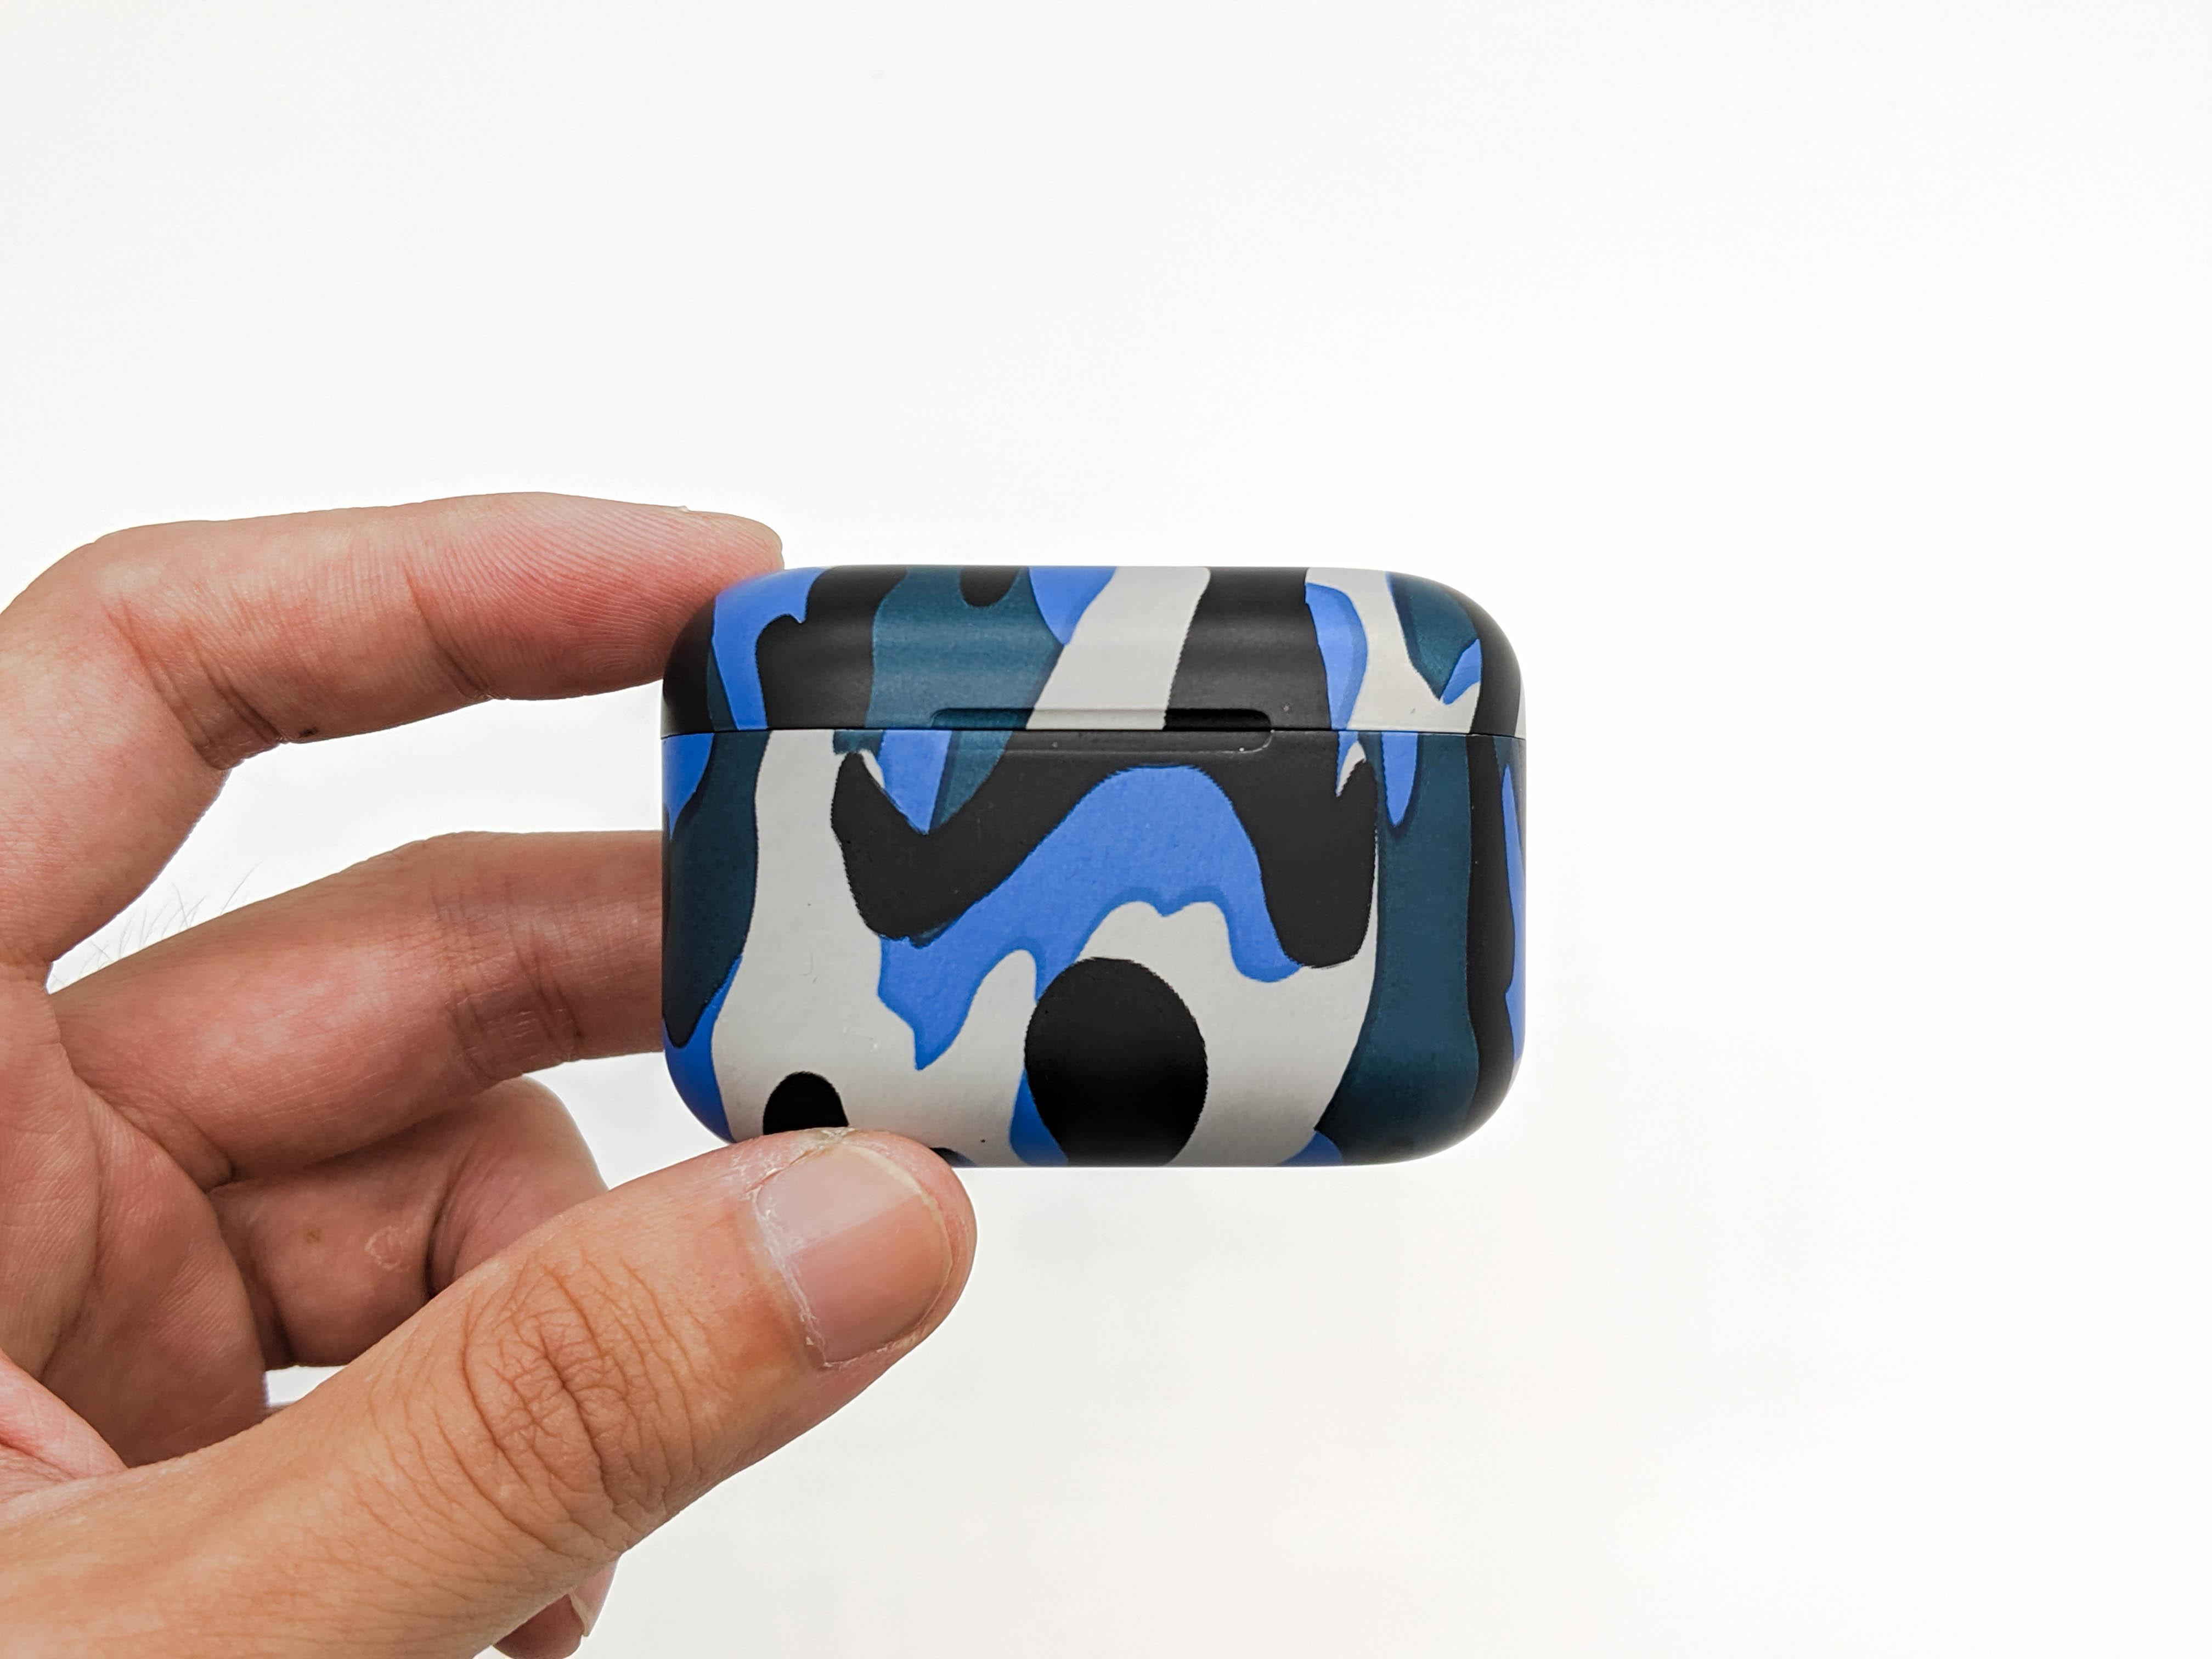 [開箱] 魔宴 Sabbat X12 Pro 真無線藍牙耳機 | 迷彩新色襲來!